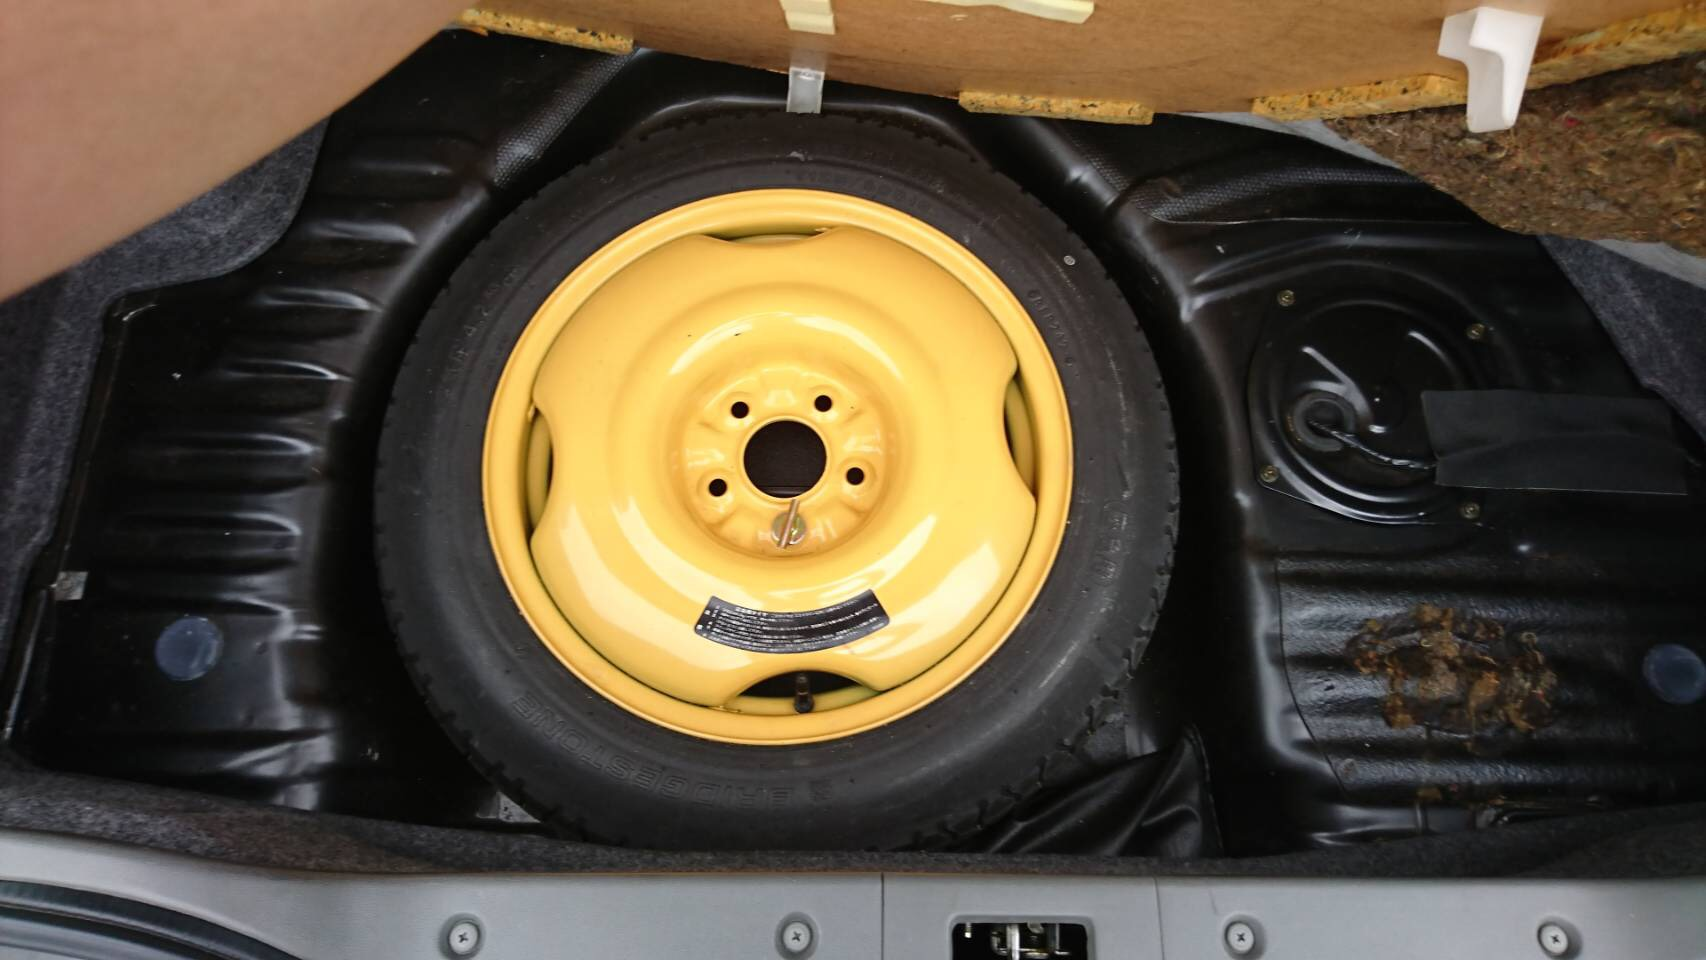 1992 Nissan Skyline R32 GTR spare tyre